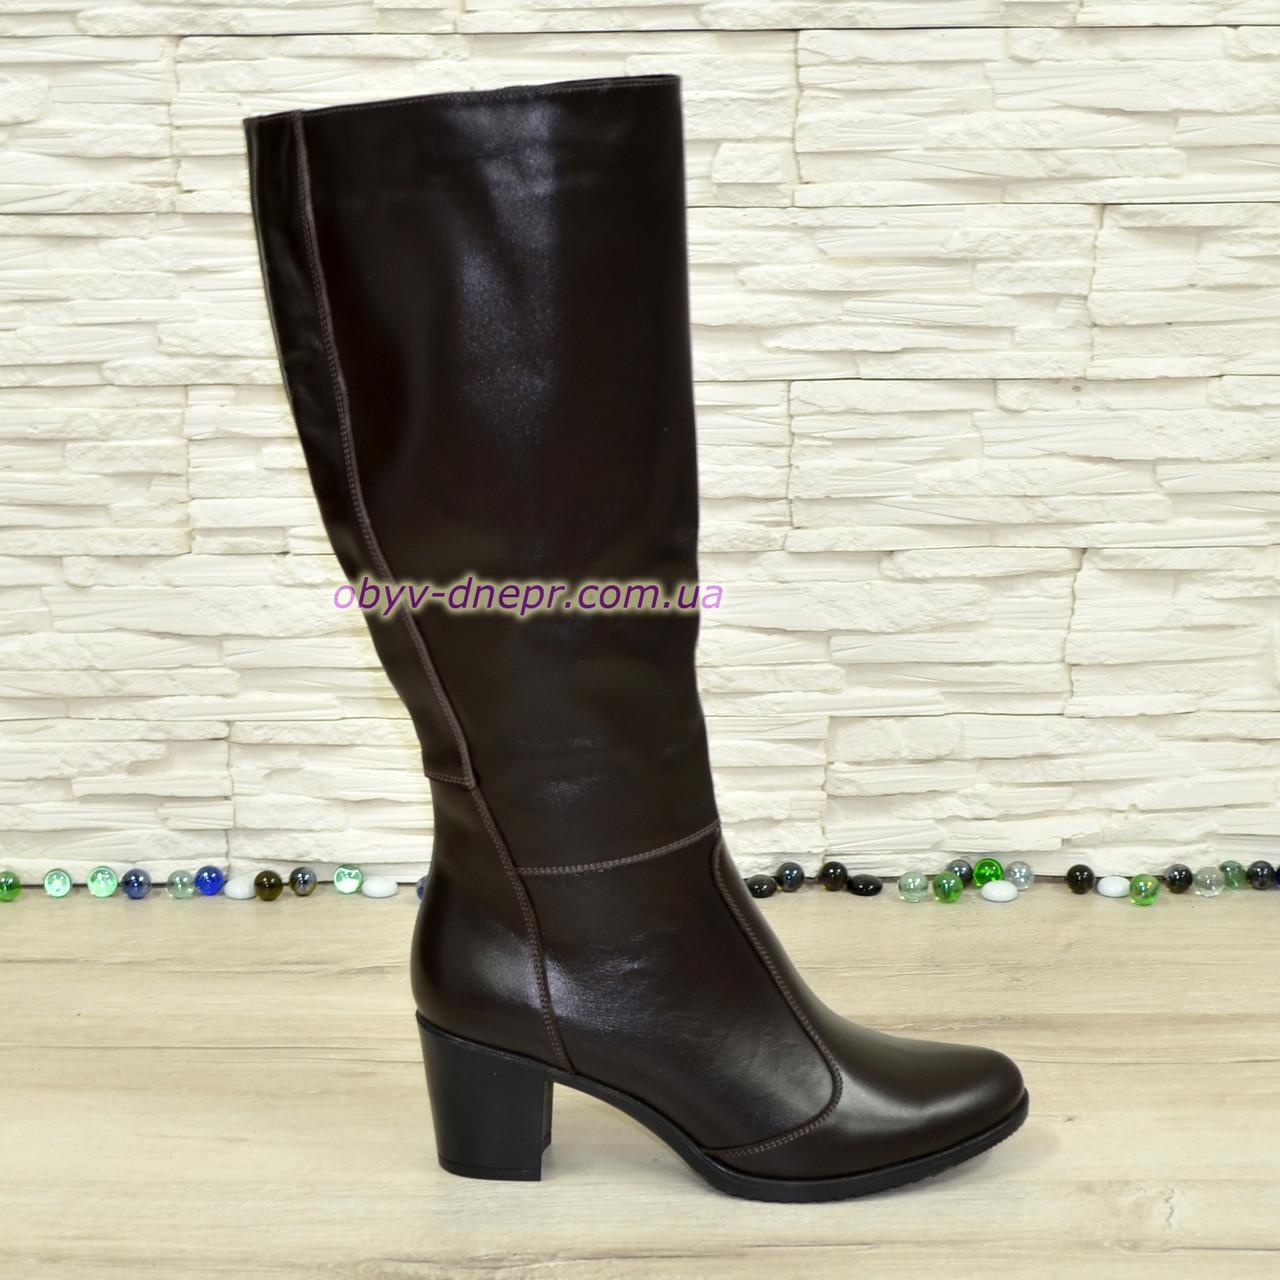 Сапоги коричневые кожаные женские на устойчивом каблуке, с широким голенищем.